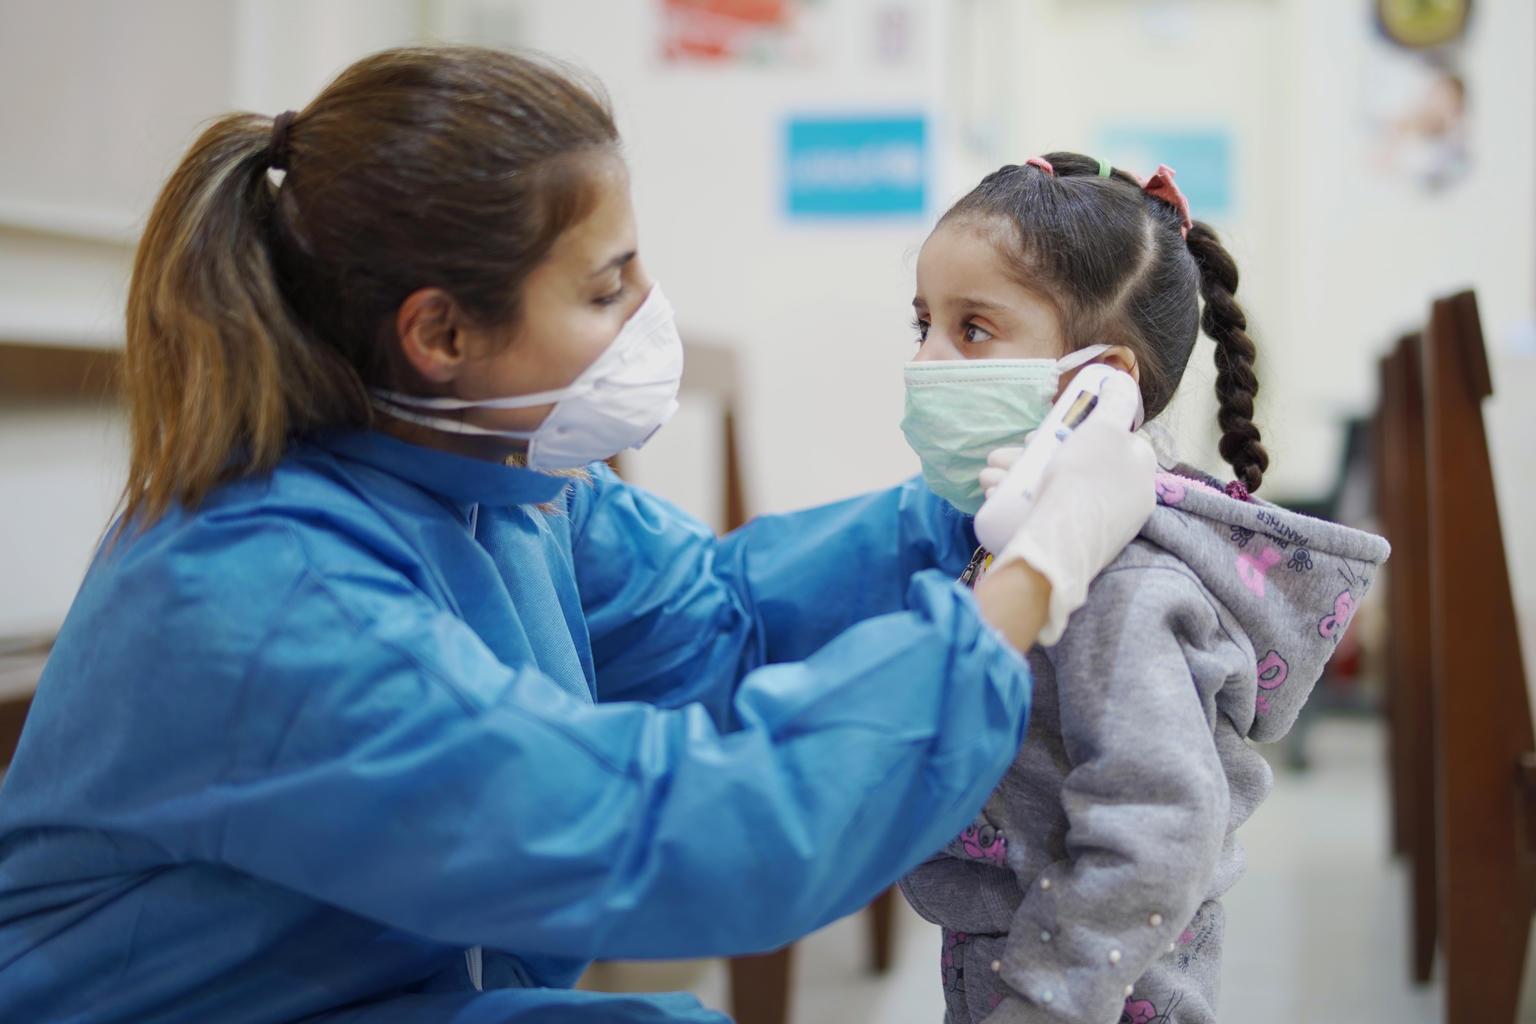 Pandemii navzdory: UNICEF vkrizových oblastech